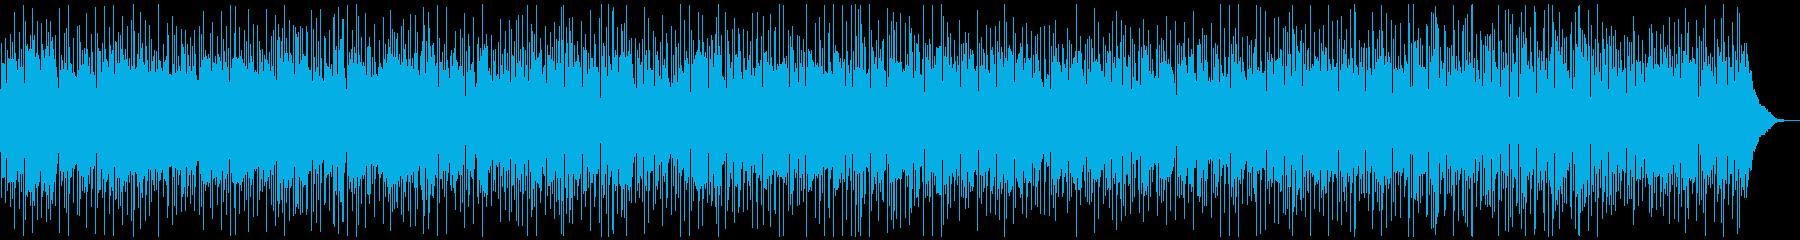 ほのぼのとしたカントリーバラードの再生済みの波形